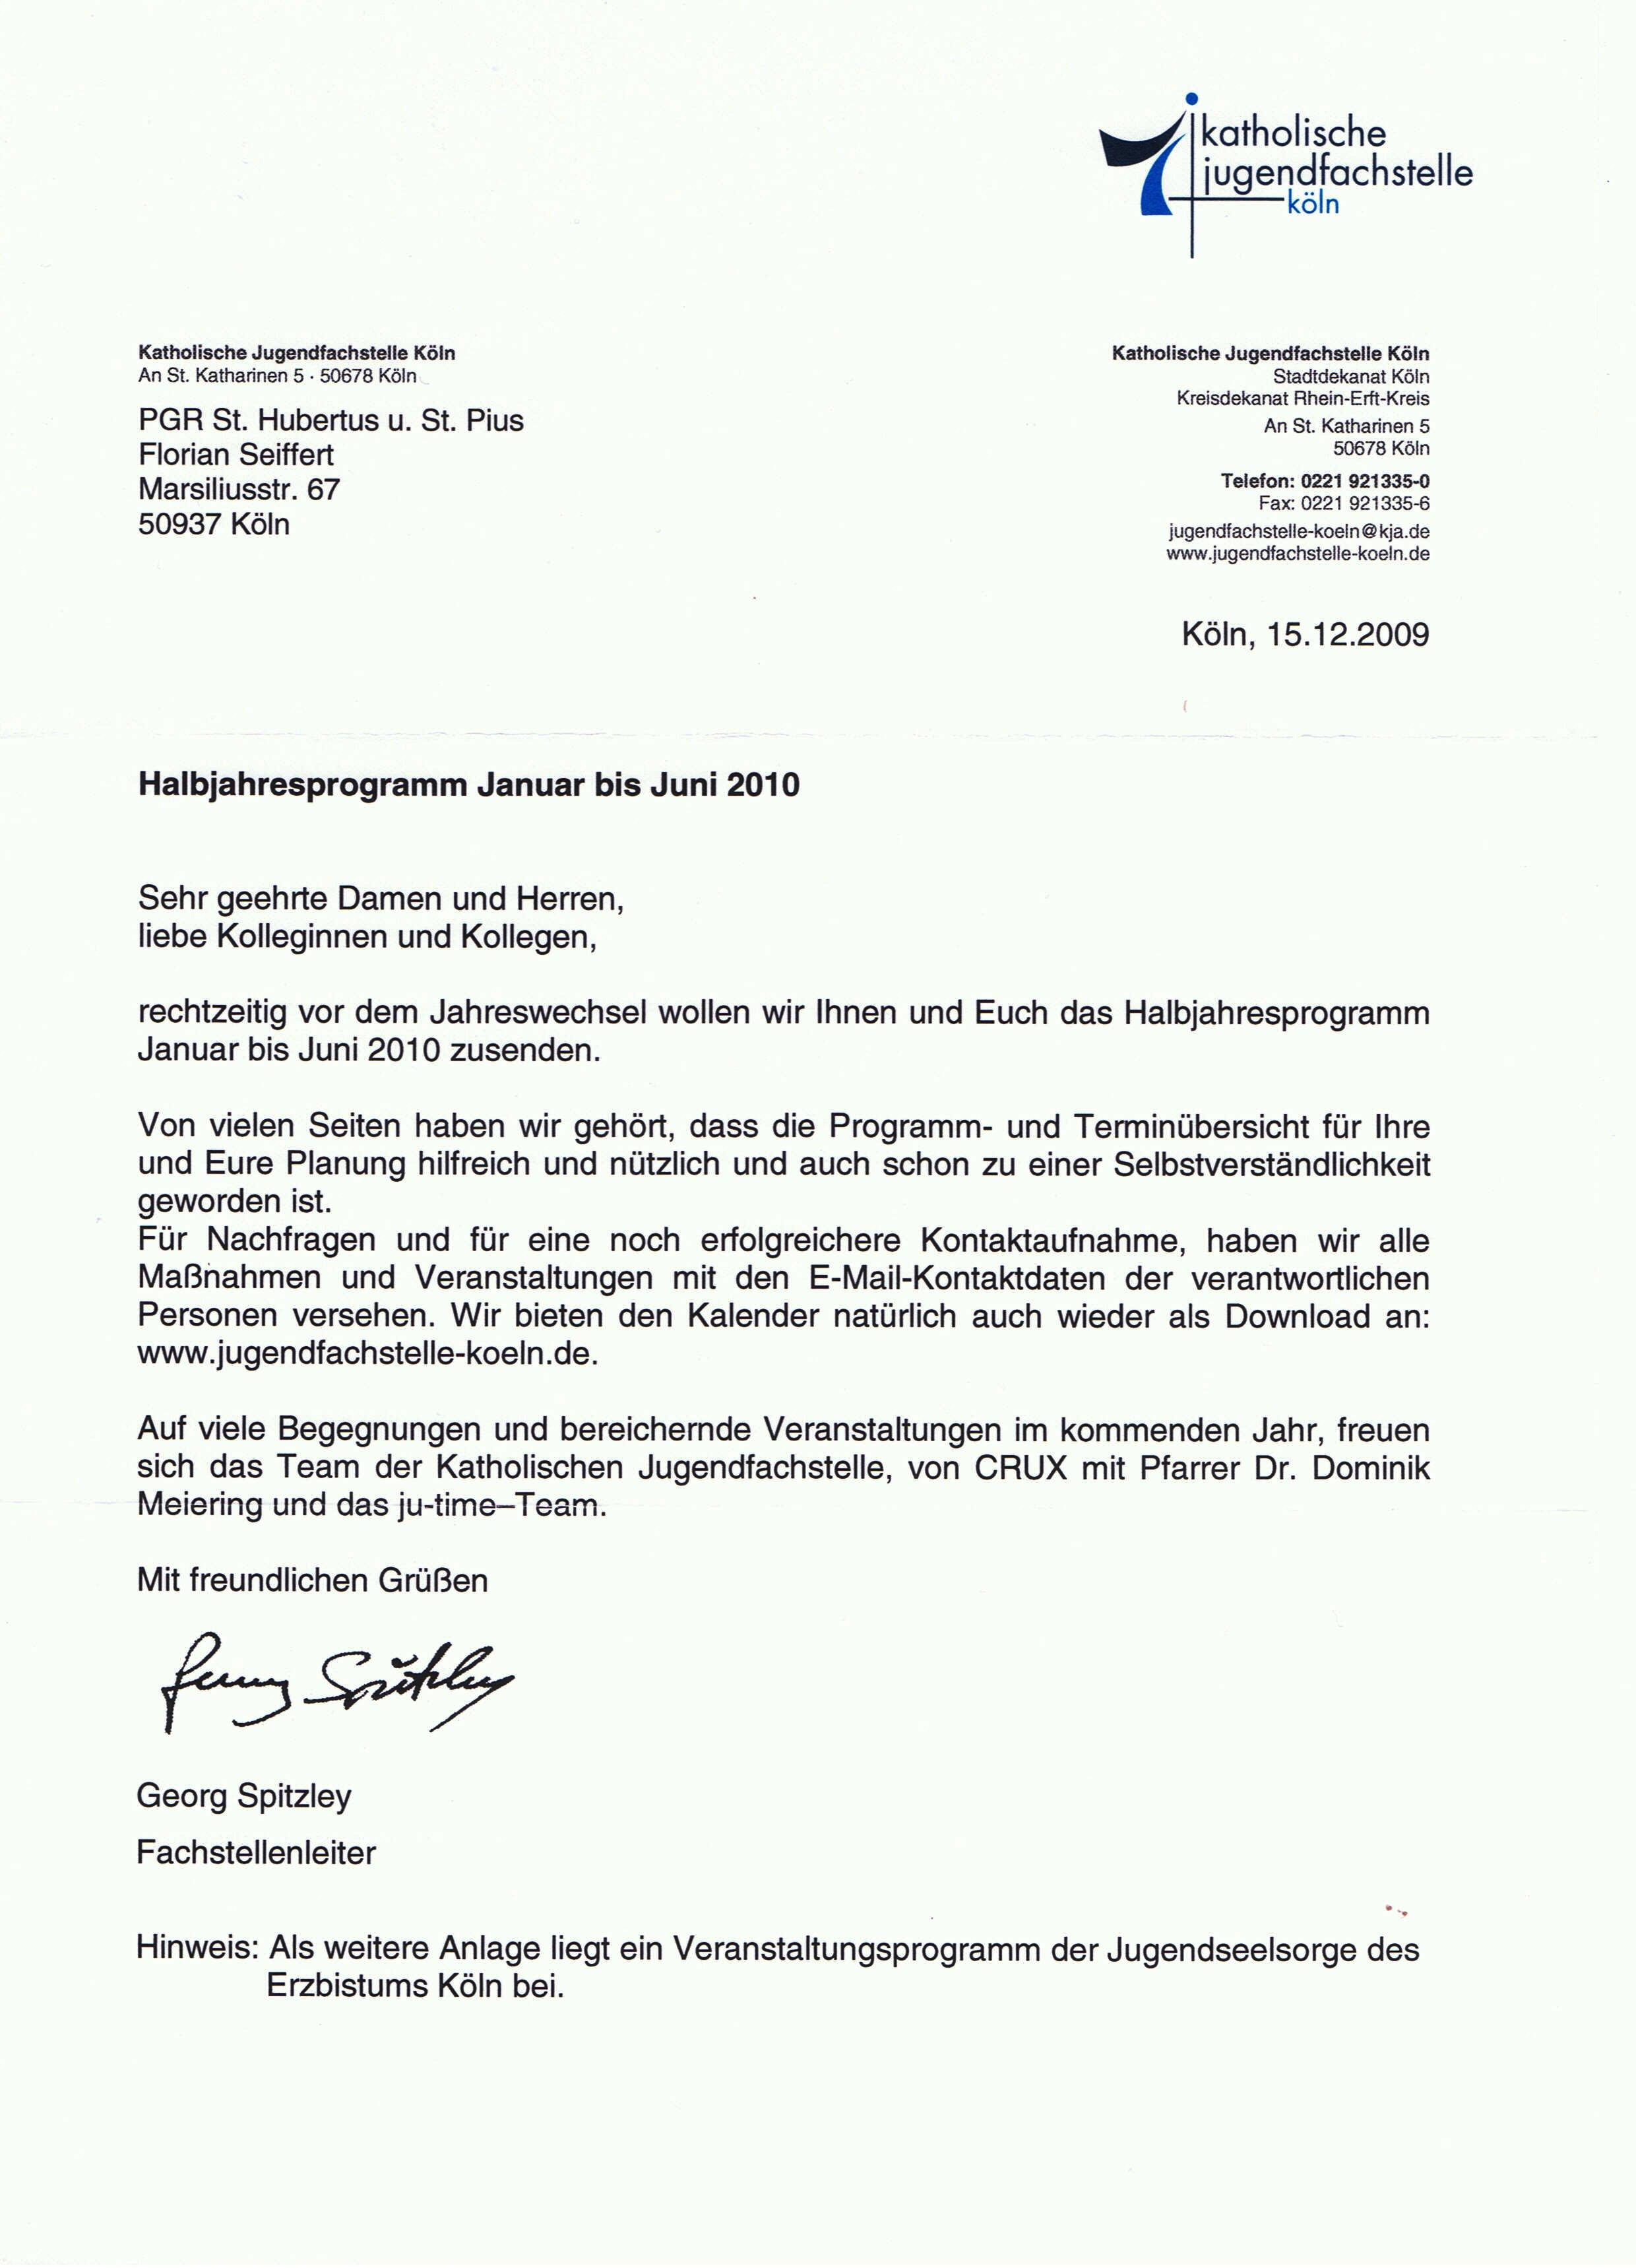 Briefe Schreiben Im Mittelalter : Dezember « pfarrgemeinderat christen am rhein«